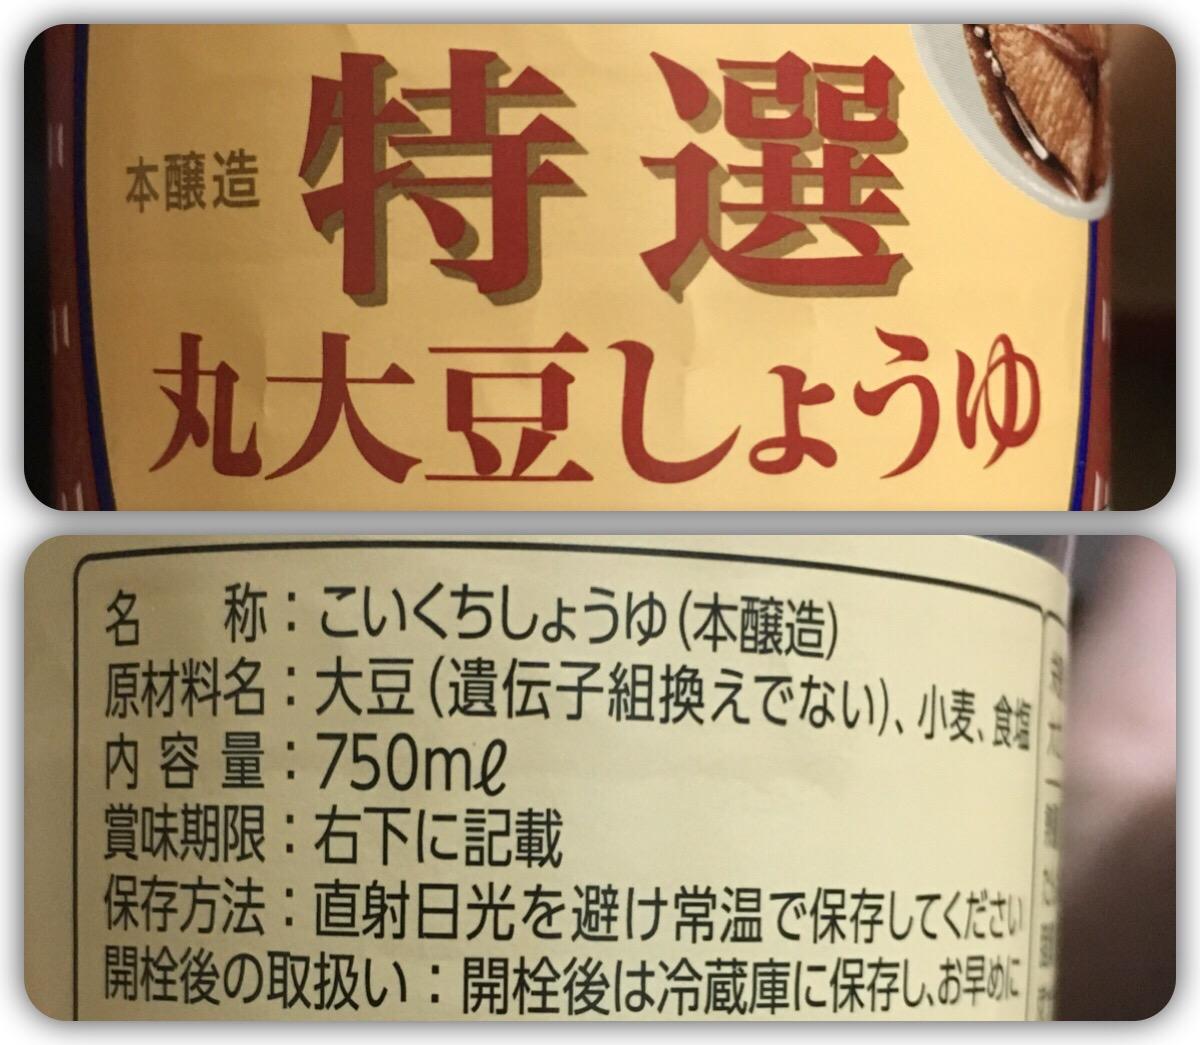 丸大豆醤油の表示と表示表